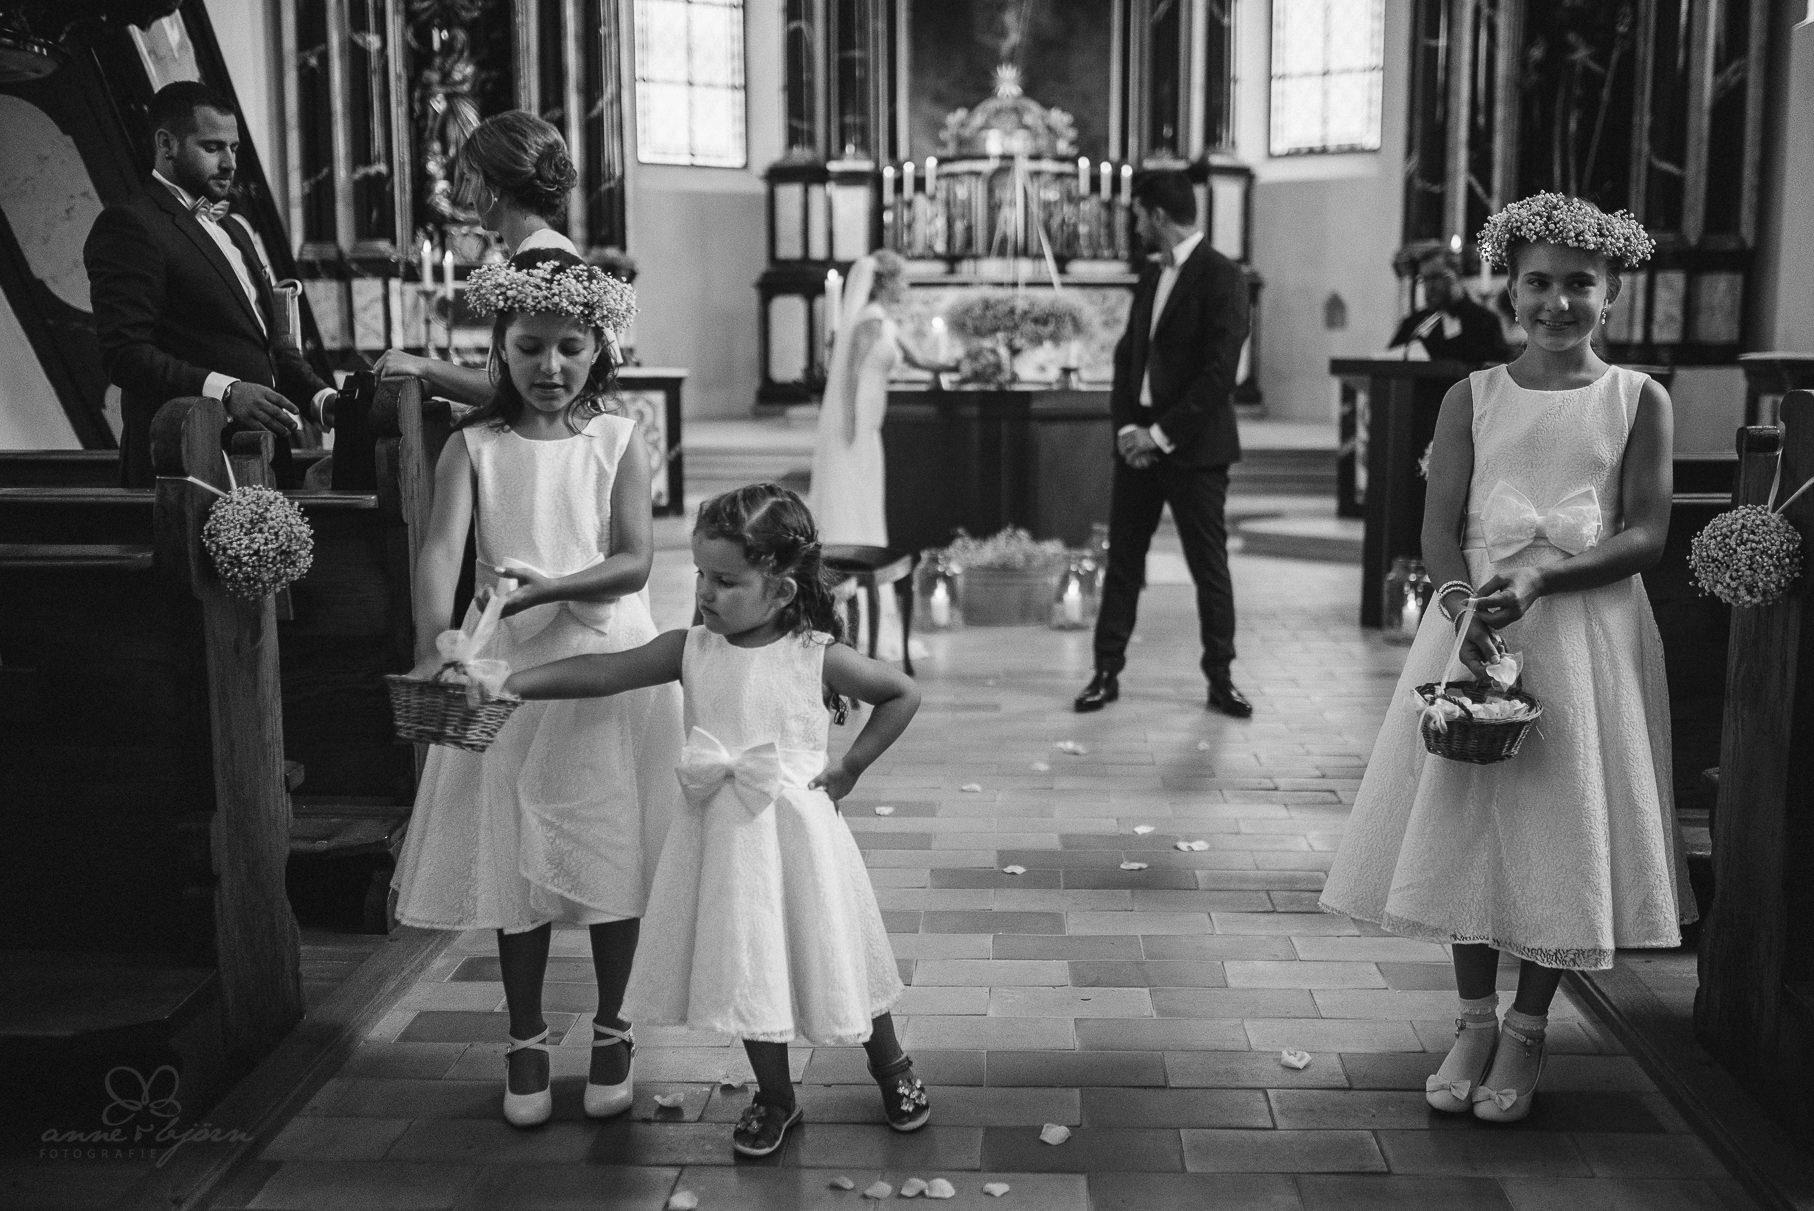 0053 anne und bjoern hochzeit schweiz d75 0183 - DIY Hochzeit in der Schweiz - Sabrina & Christoph